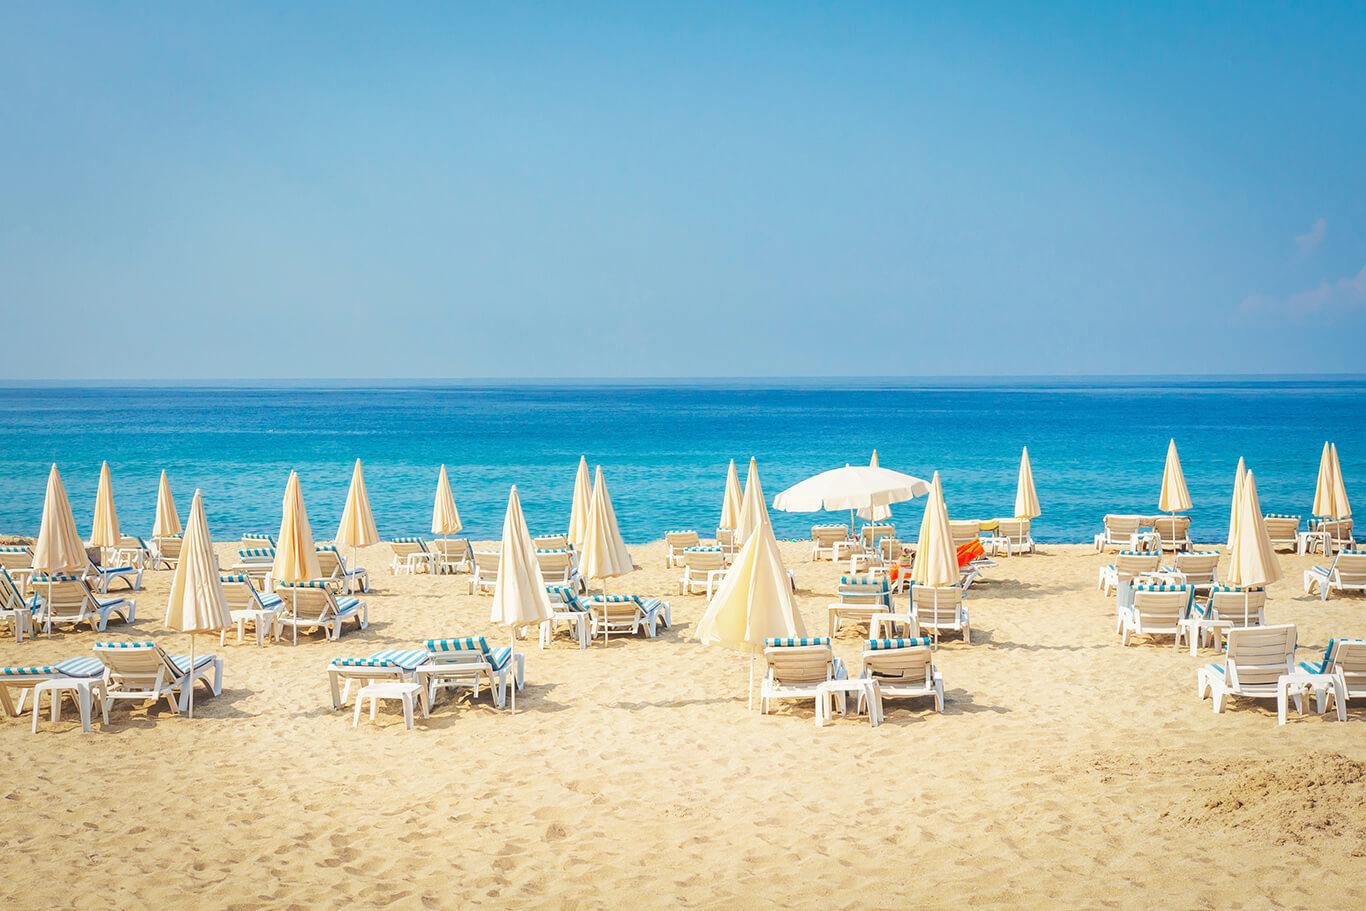 Tuerkei - Sarimsakli Beach